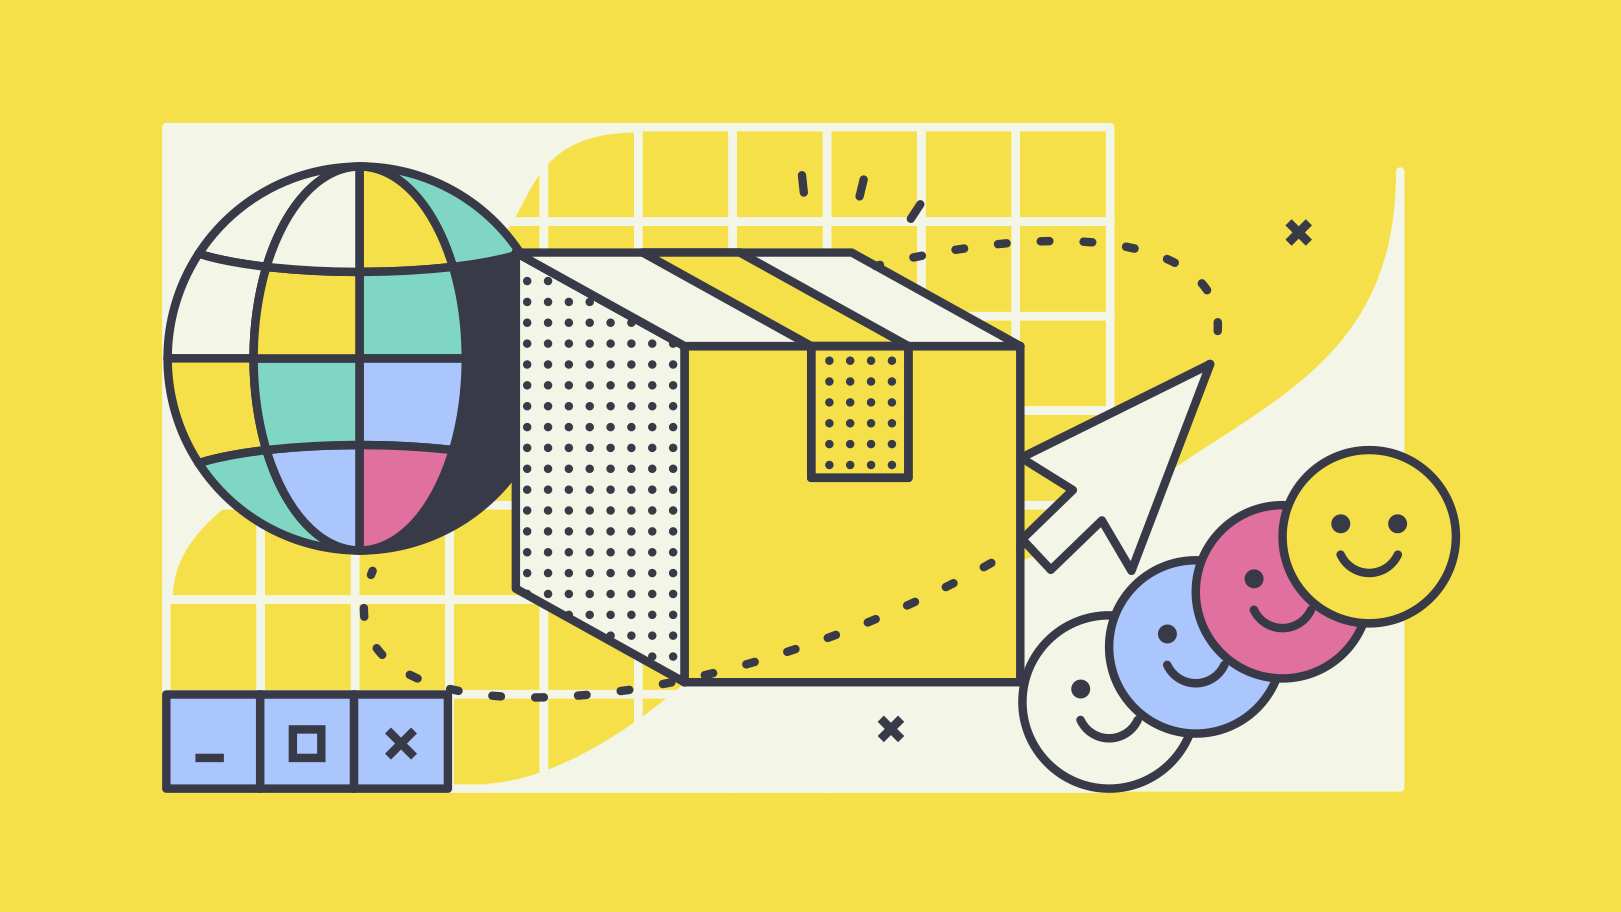 Data exchange Clipart illustration in PNG, SVG